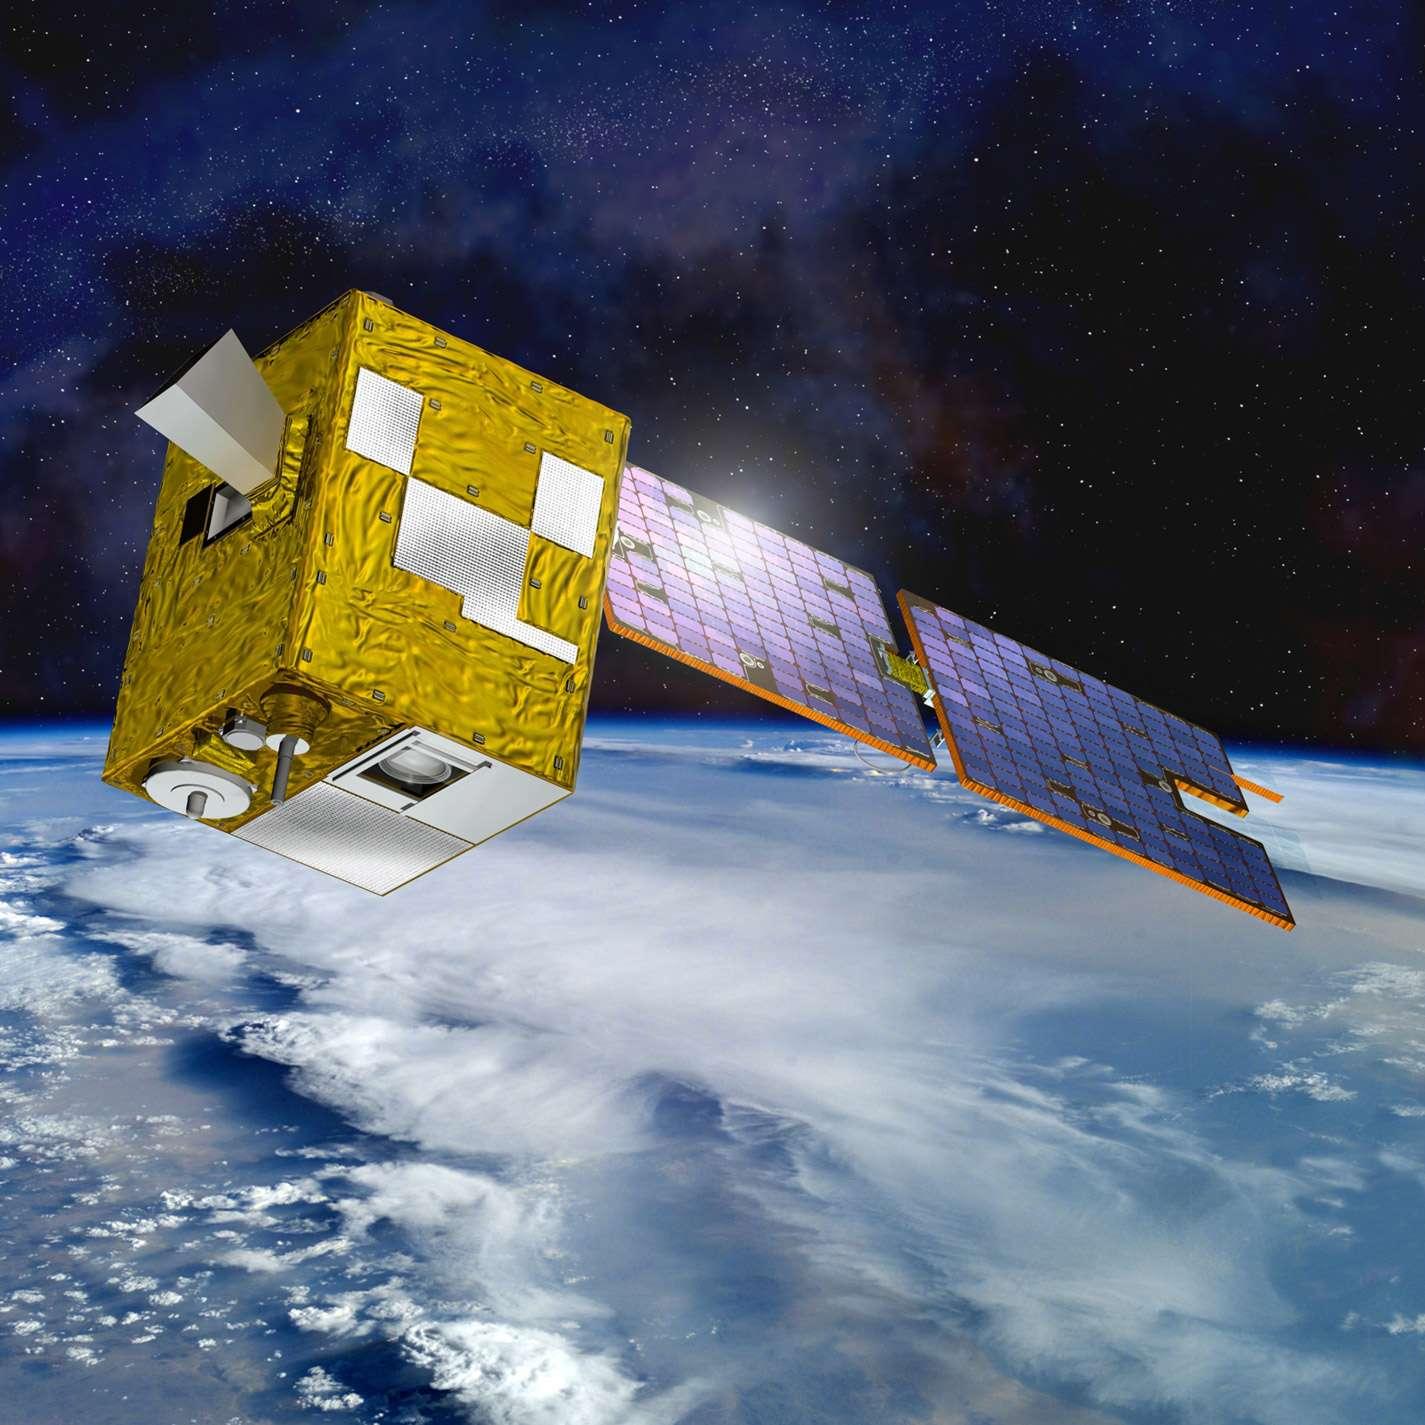 Vue d'artiste du satellite Parasol (polarisation et anisotropie des réflectances au sommet de l'atmosphère, couplées avec un satellite d'observation emportant un lidar) du Cnes, qui achève sa carrière. © Cnes, D. Ducros